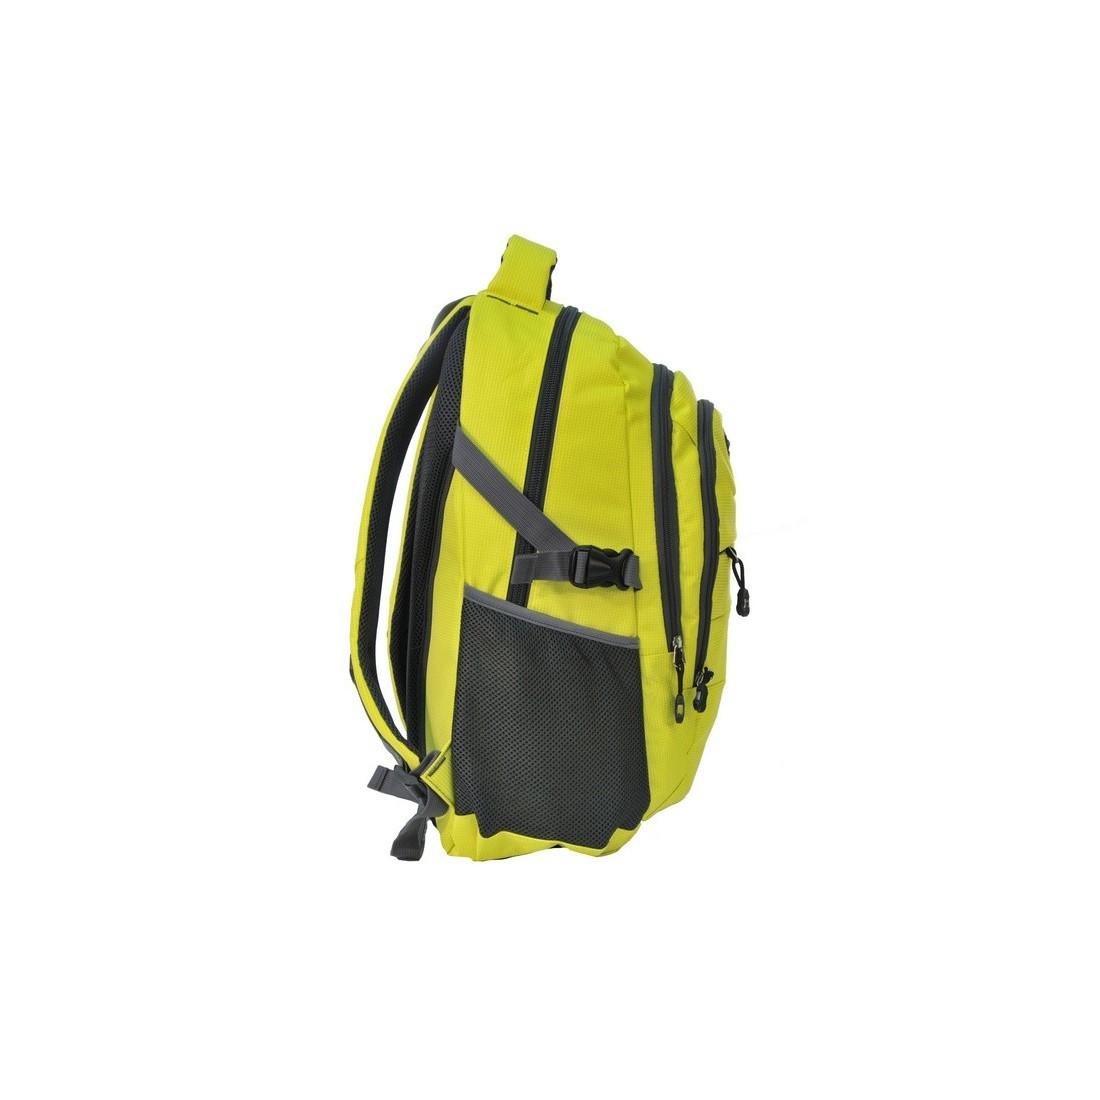 Plecak młodzieżowy neonowy na laptop - plecak-tornister.pl